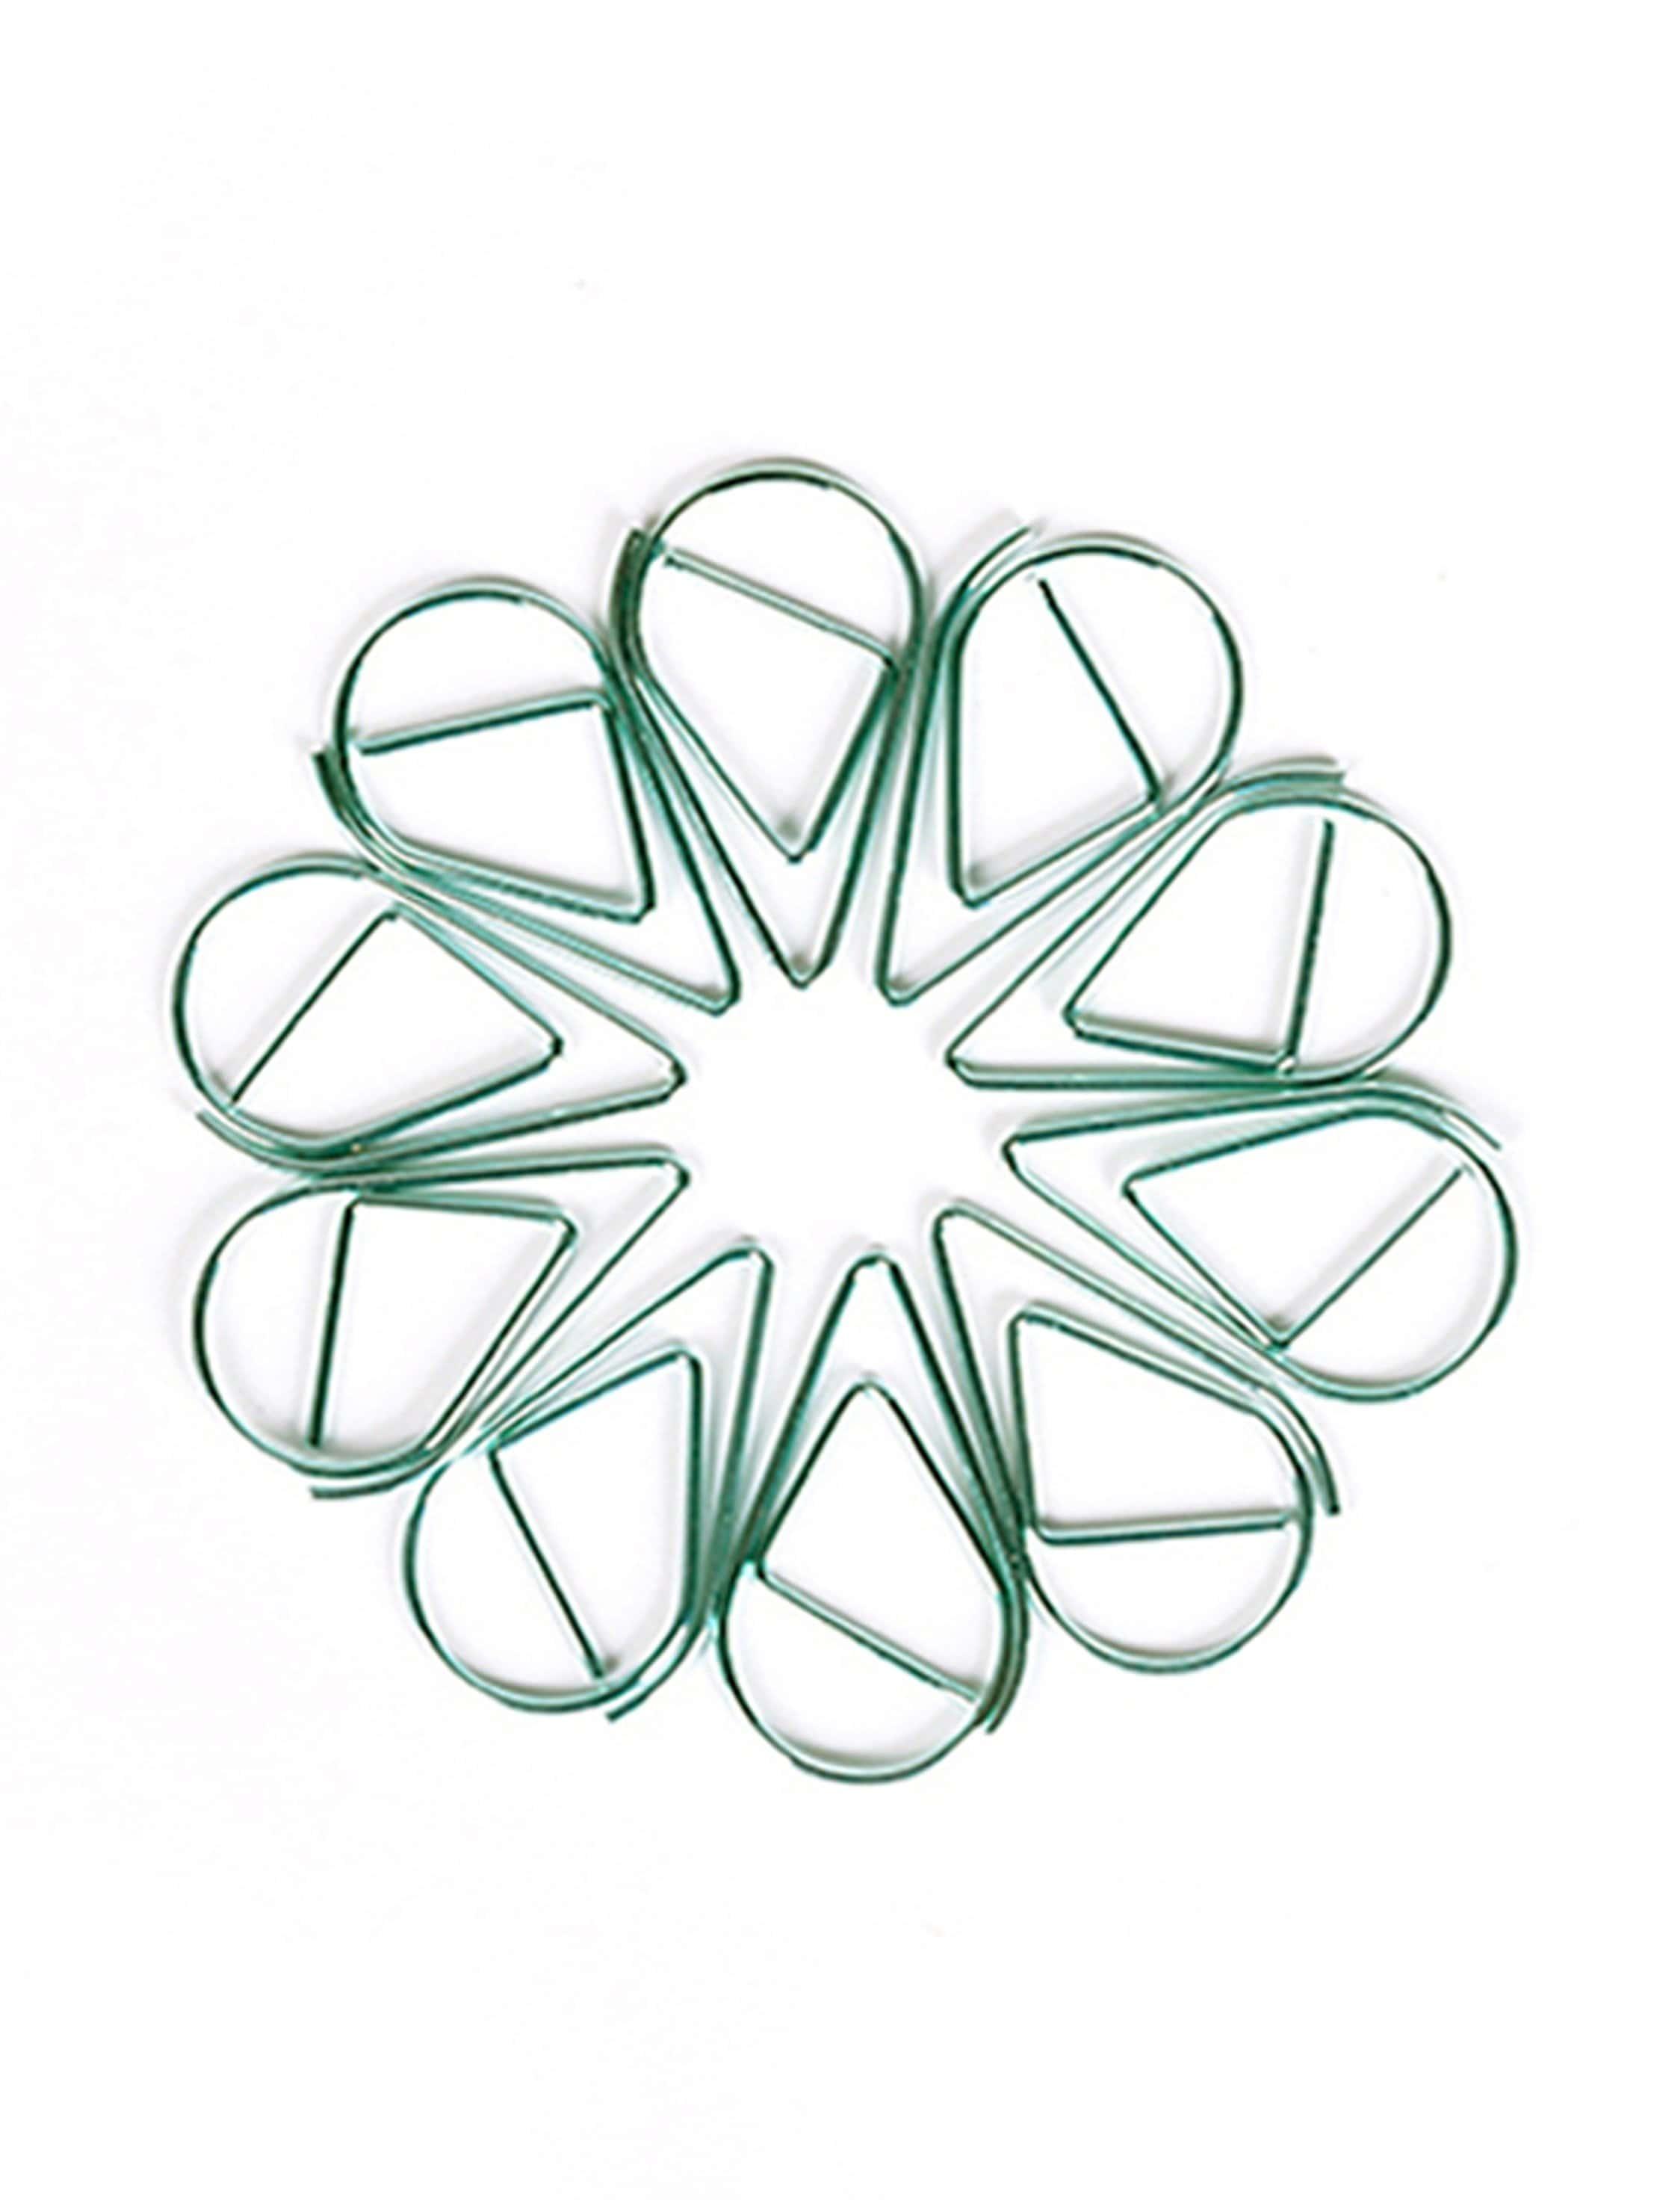 Large Paper Clips 20pcs large paper clips 20pcs